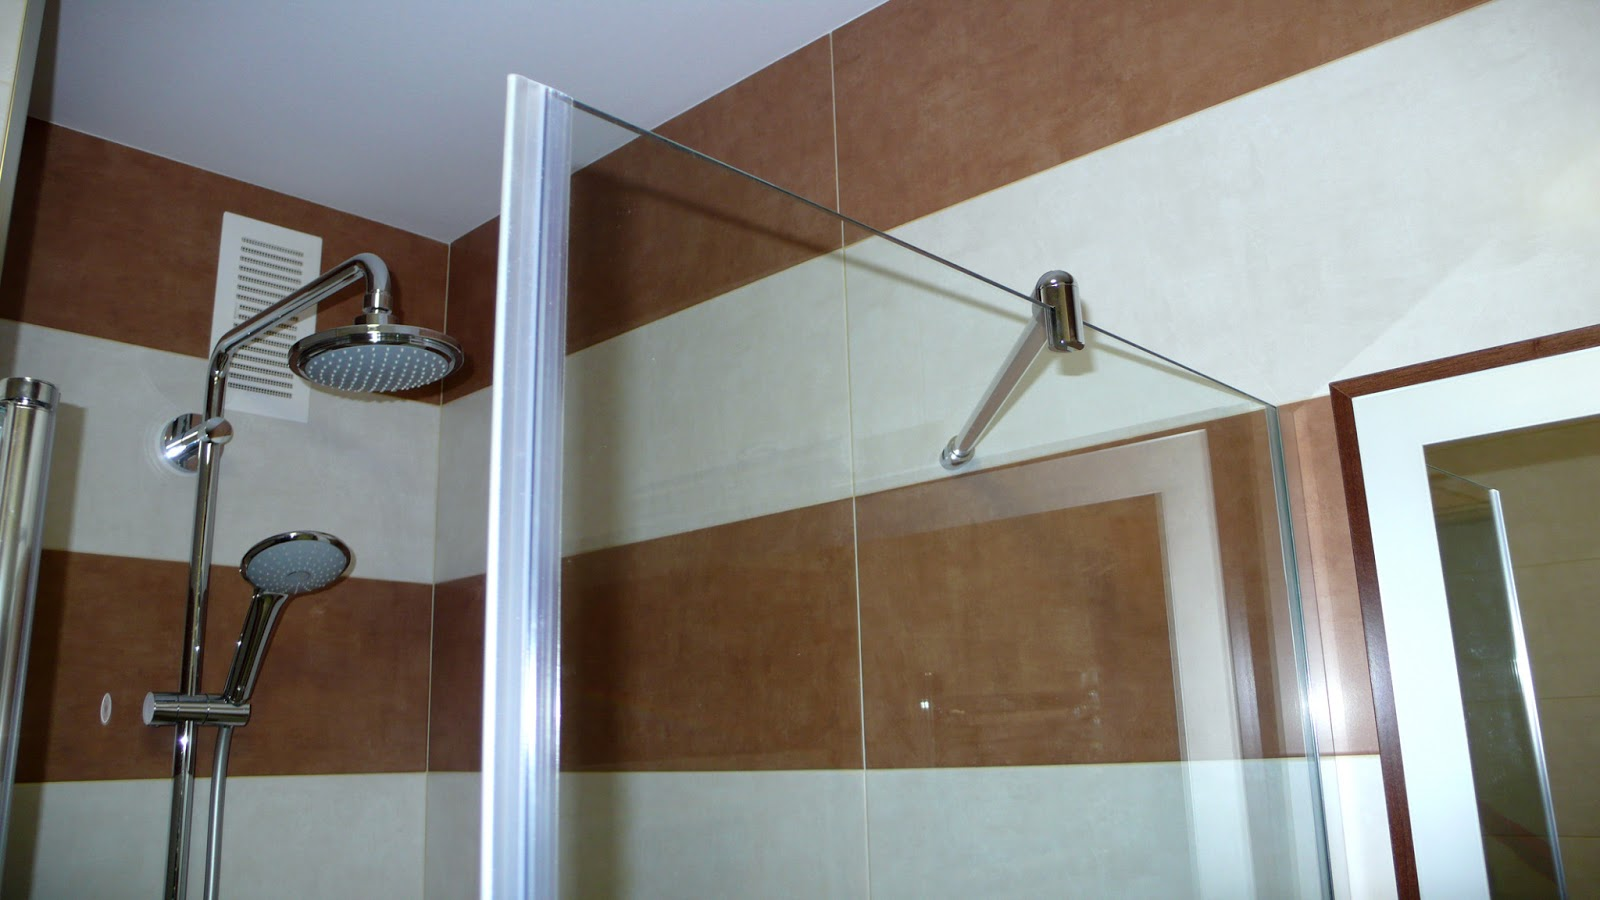 Griferia De Vidrio Para Baño: de resina poliuretánica, grifería termostática y mampara de vidrio